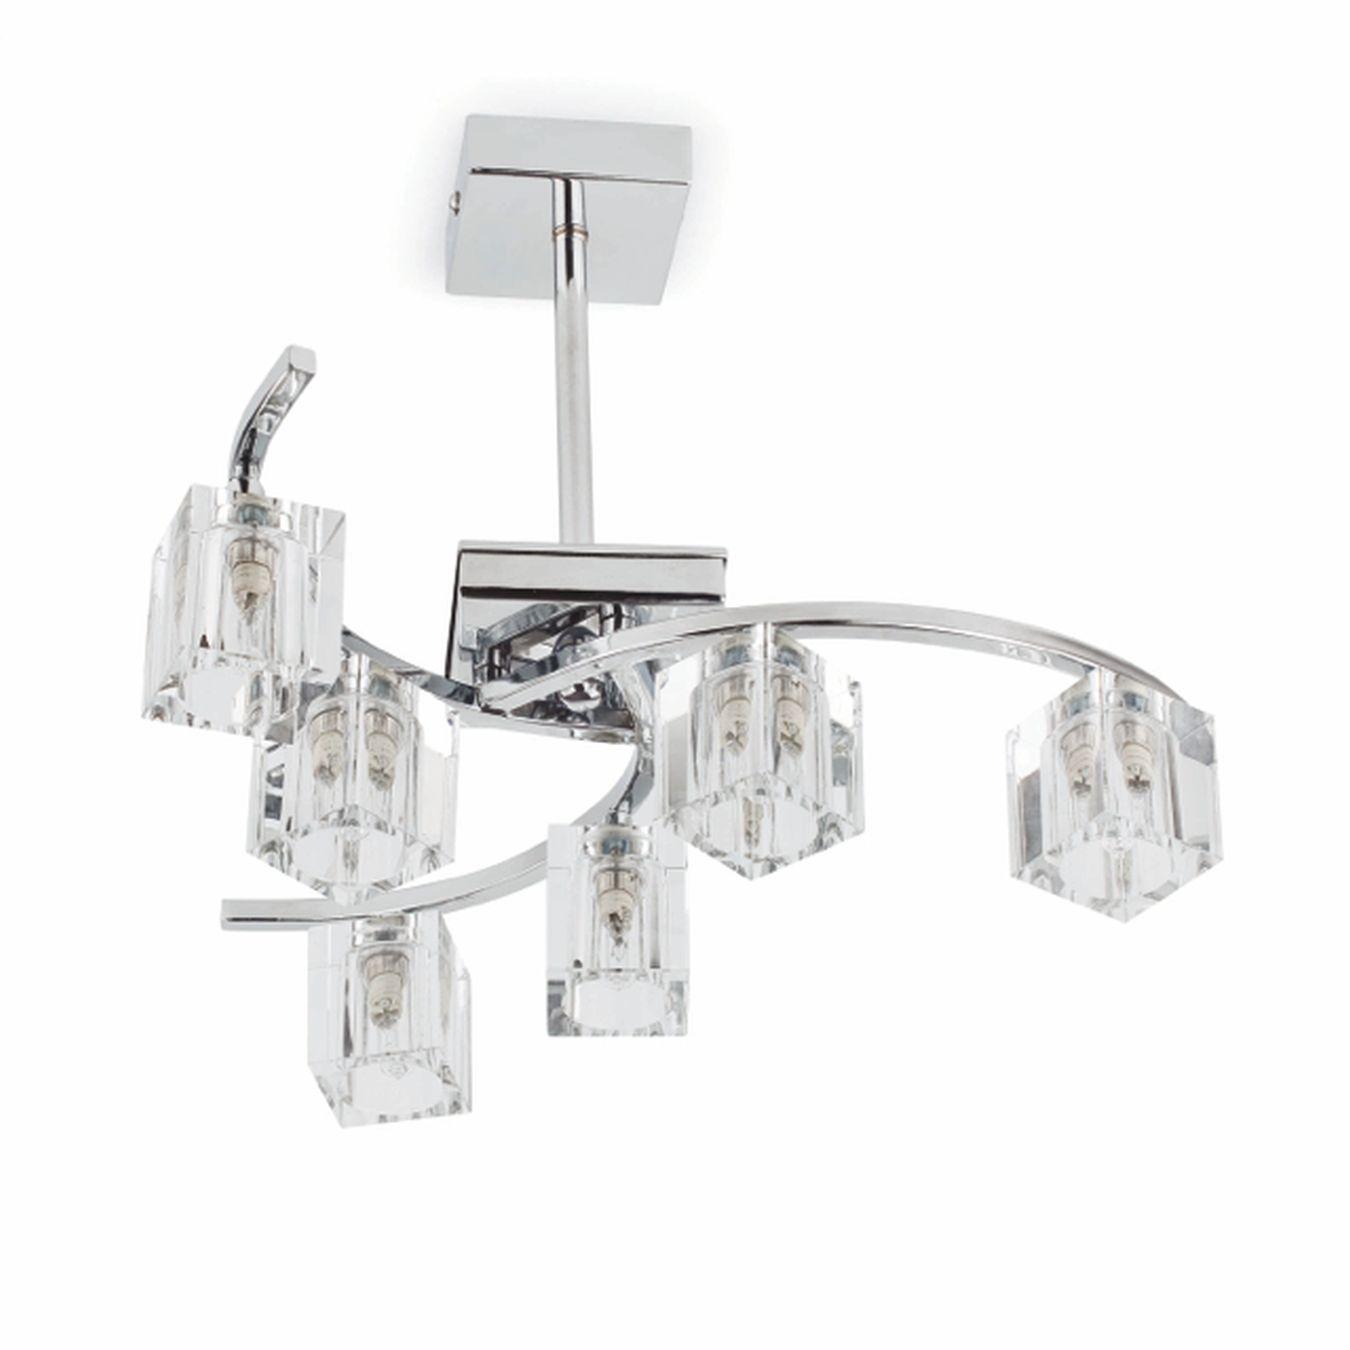 68434-aspa-plafo-lampara-de-techo-moderno-niquel-cristal-luminosa-halogena.jpg